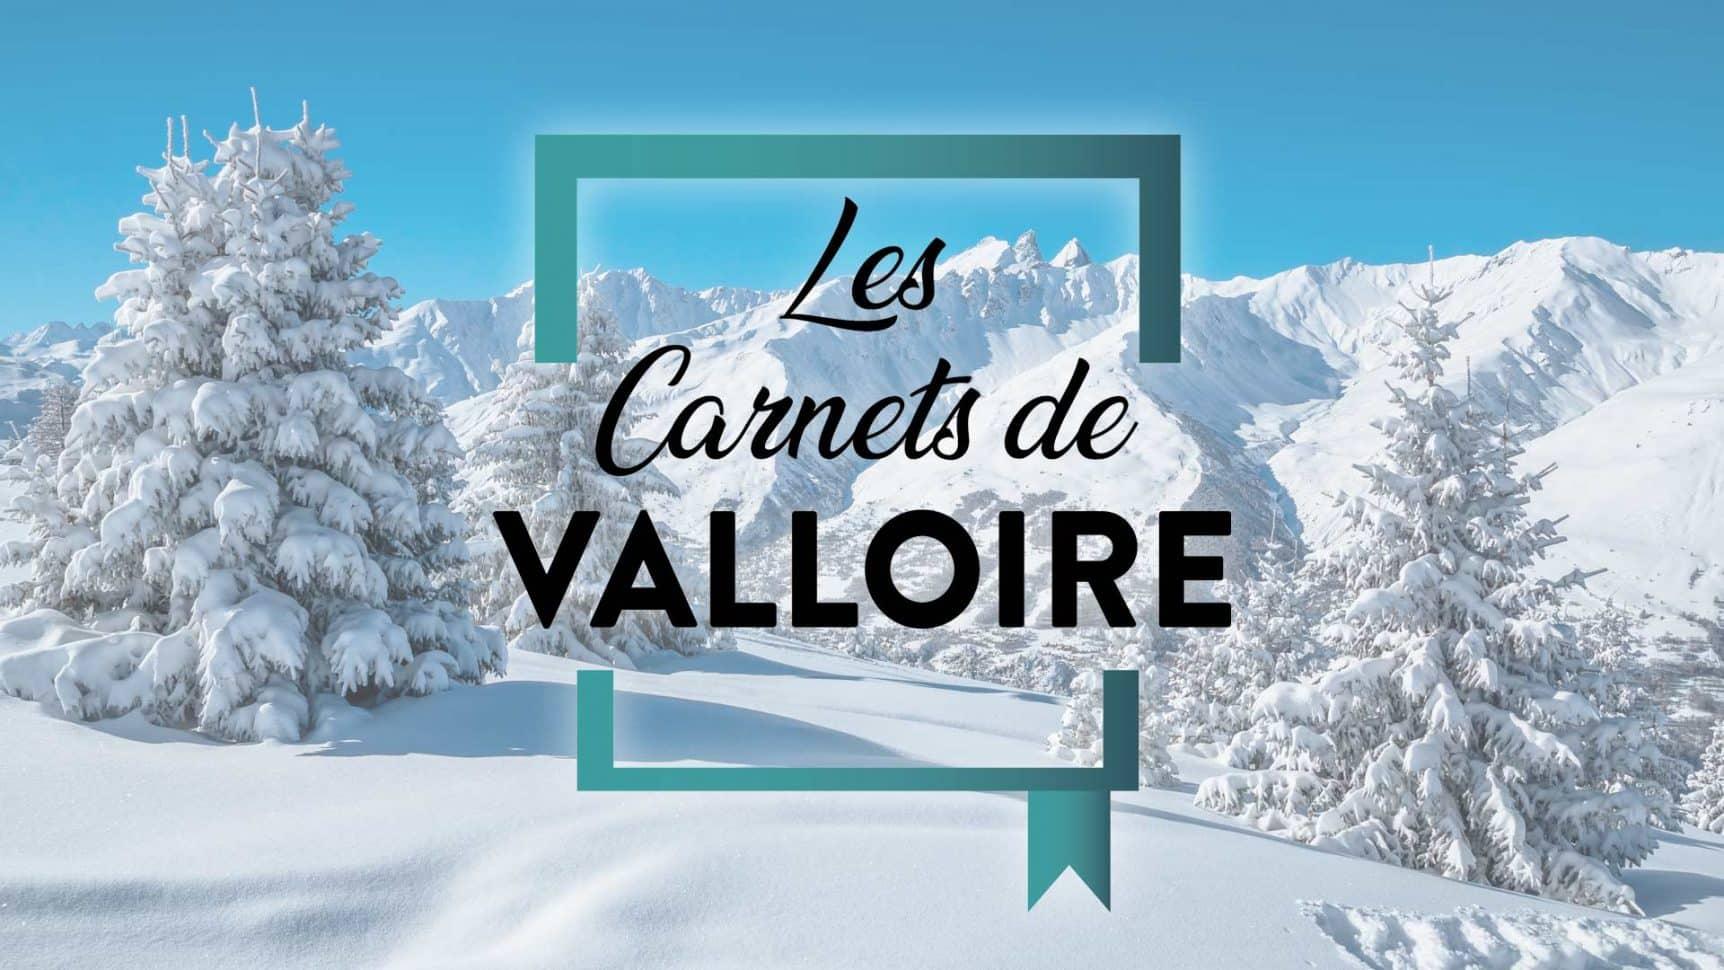 foret enneigée les carnets de Valloire